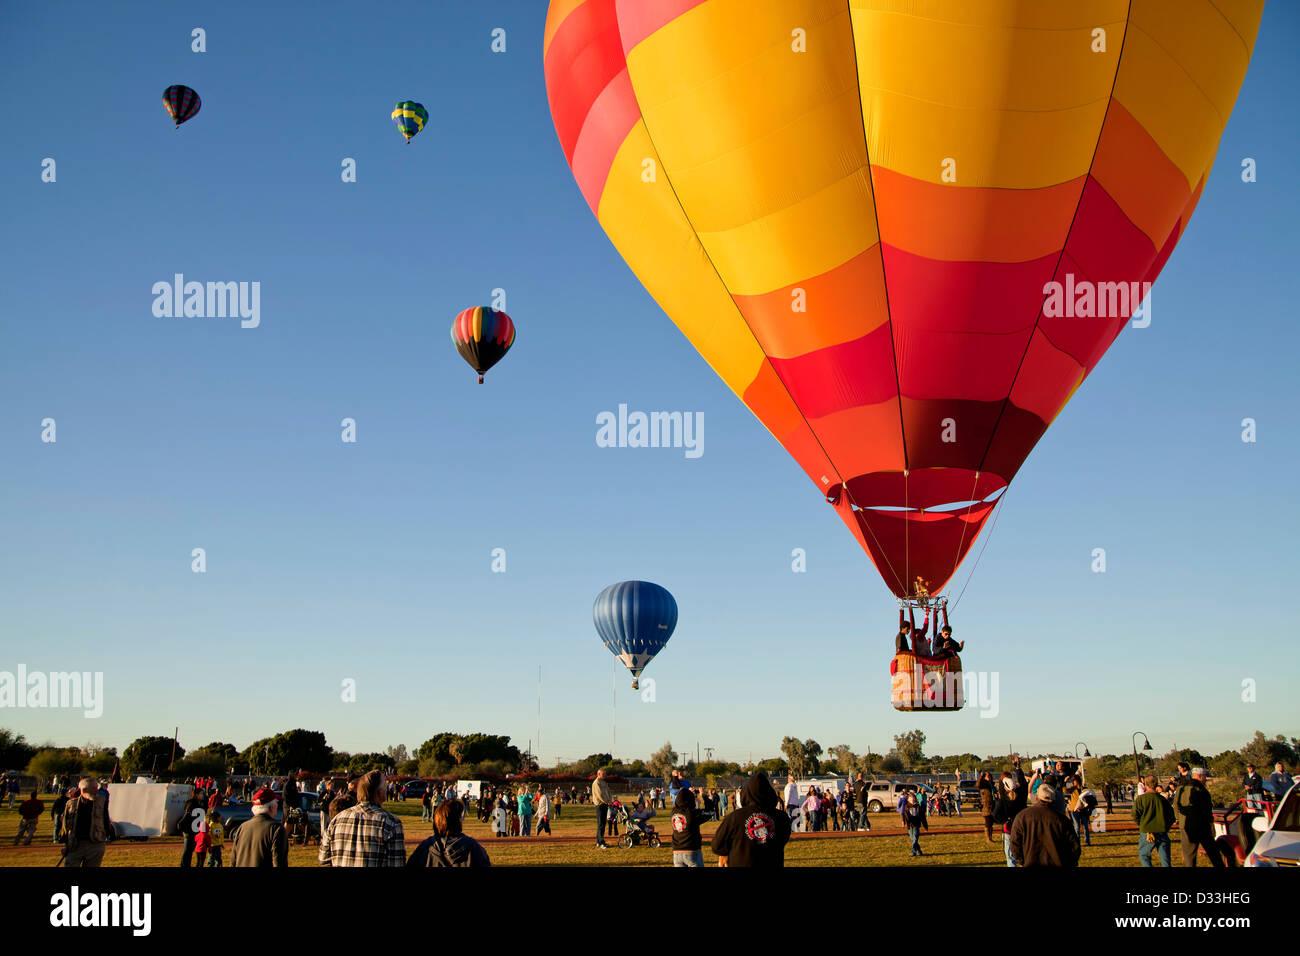 Palloni Ad Aria Calda.Volare I Palloni Ad Aria Calda A T Egli Yuma Balloon Festival A Yuma